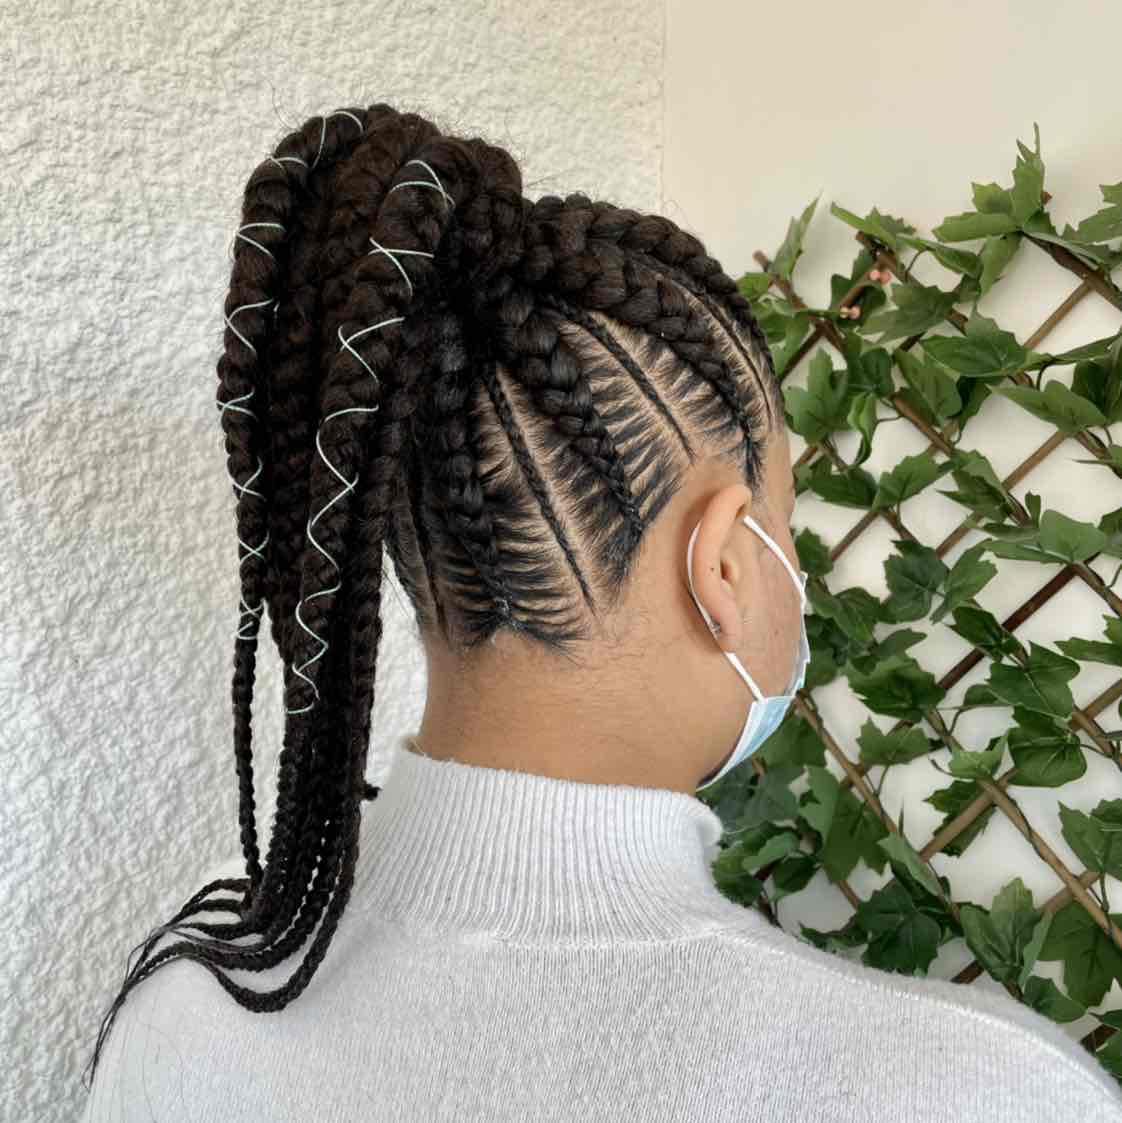 salon de coiffure afro tresse tresses box braids crochet braids vanilles tissages paris 75 77 78 91 92 93 94 95 PTYGINMF